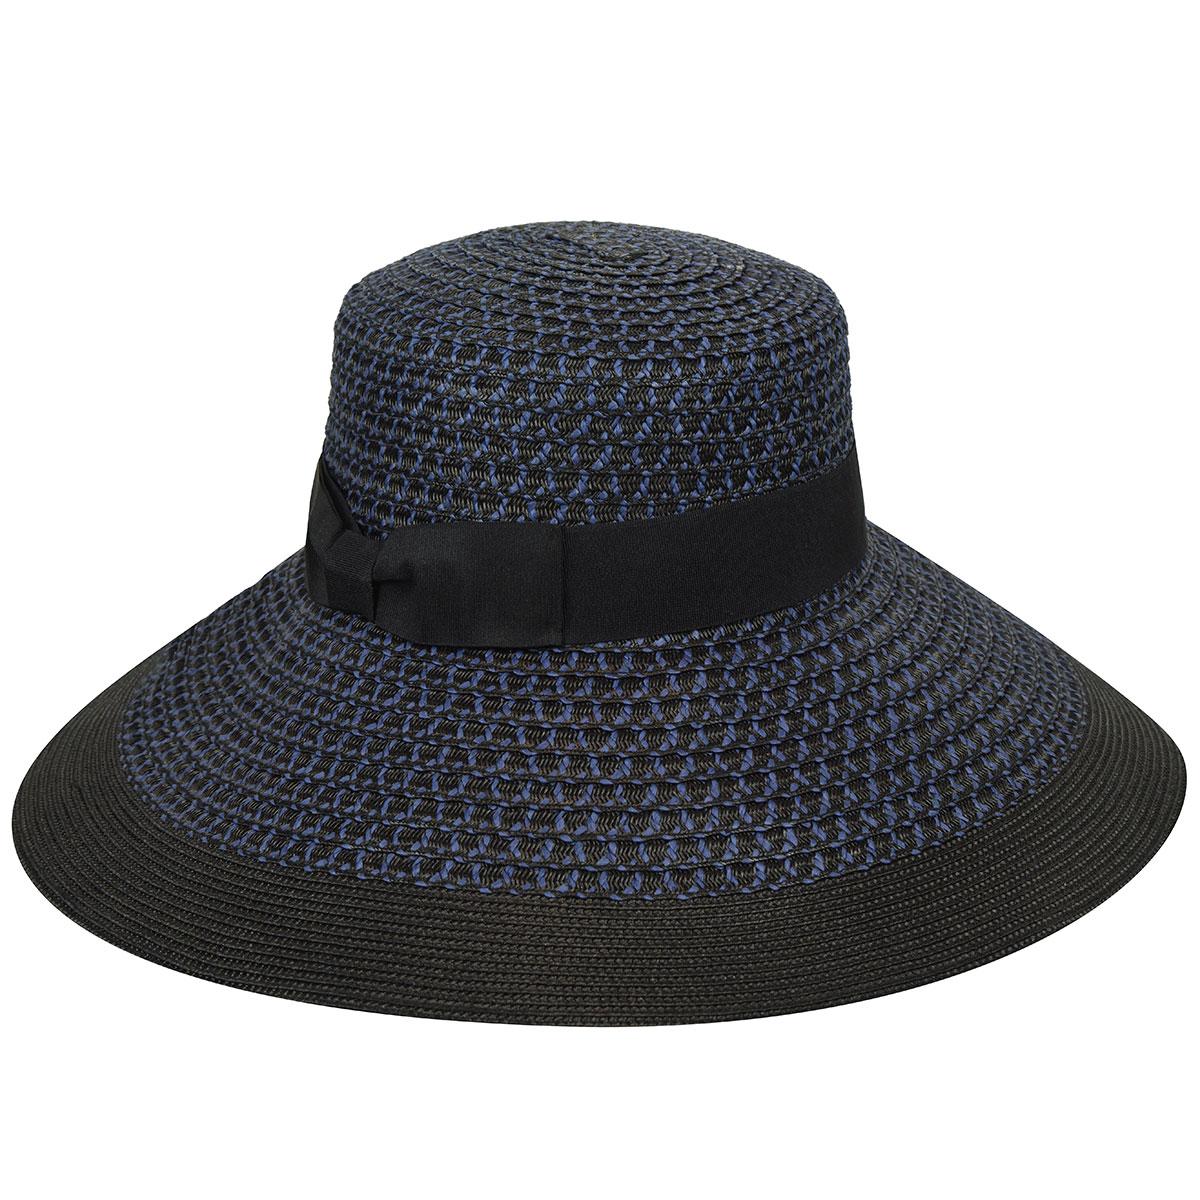 Betmar Audrey Braided Wide Brim Hat in NAVY,BLACK